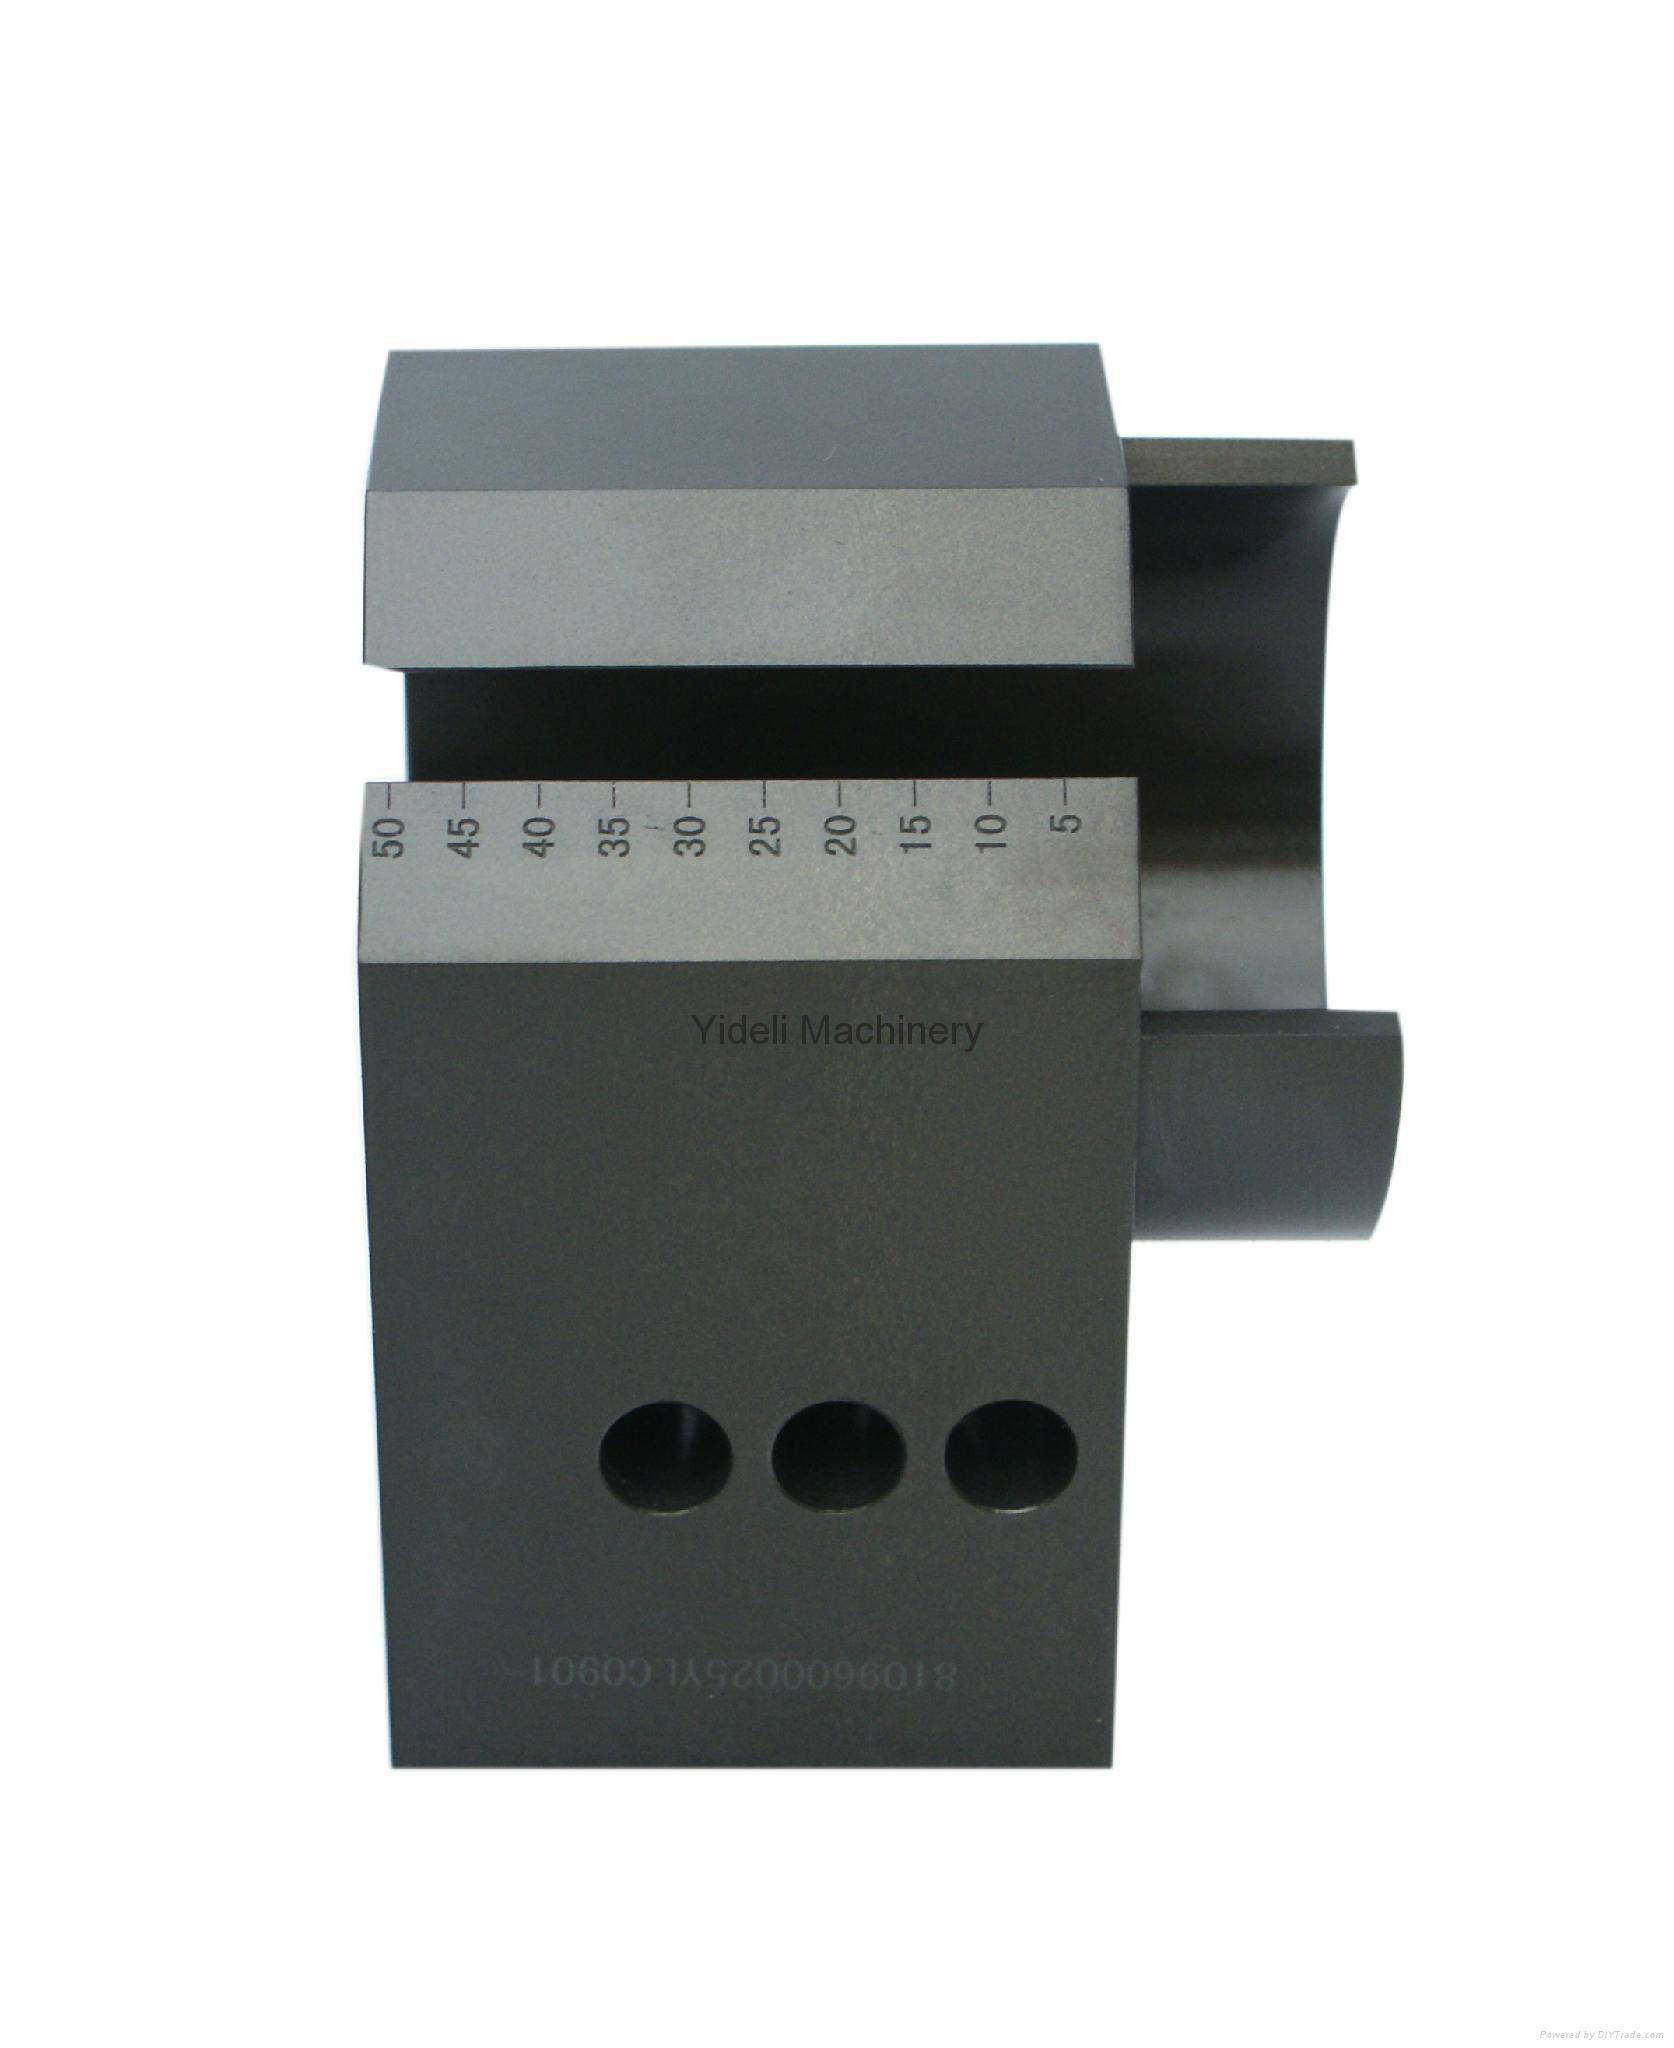 成都博世包装机械配件指定机加供应商 5